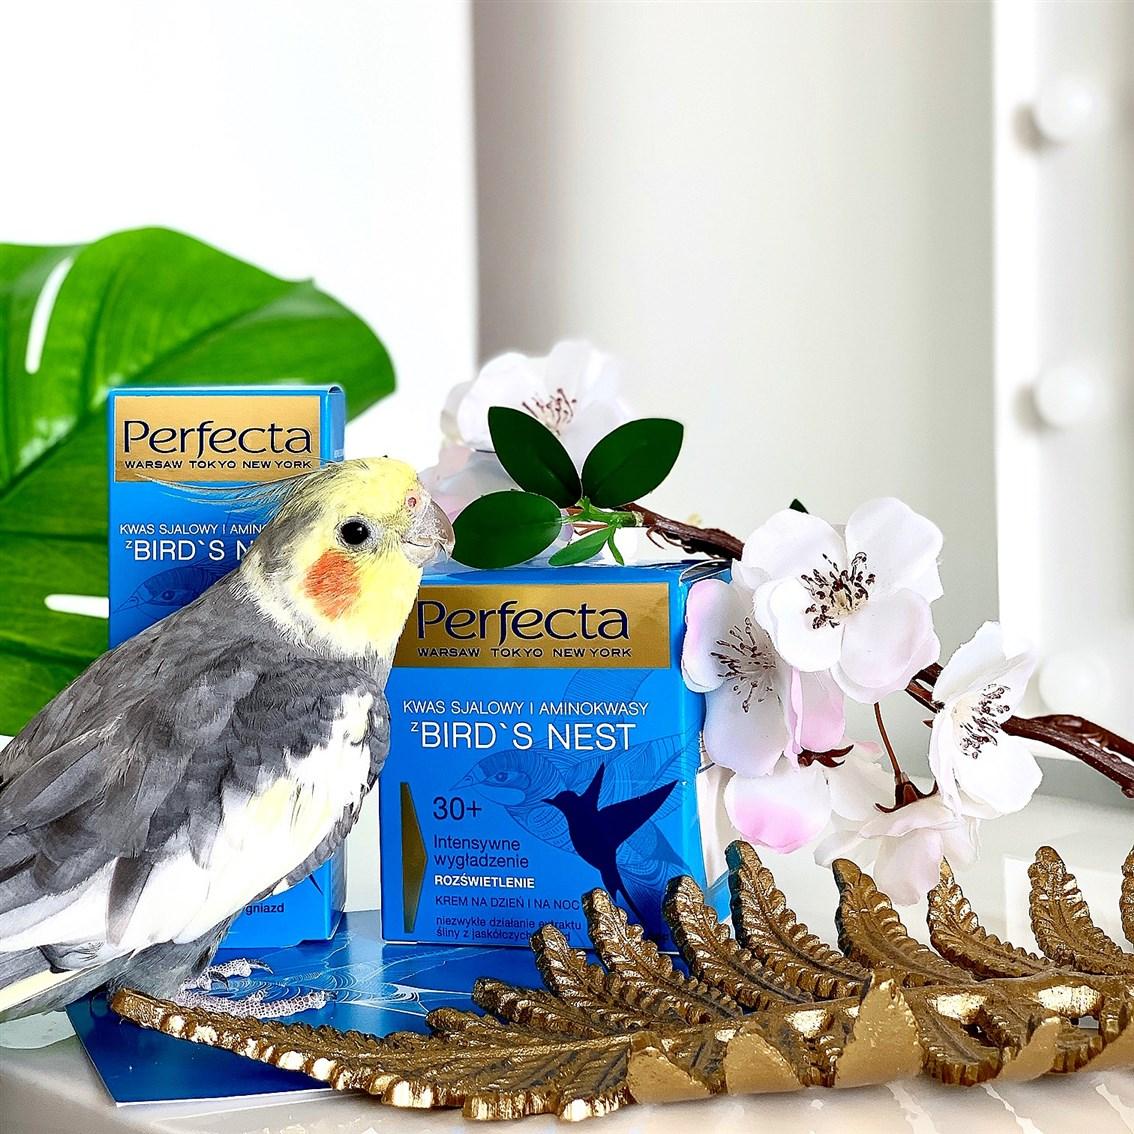 Perfecta Bird's Nest kosmetyki ze śliny z jaskólczych gniazd